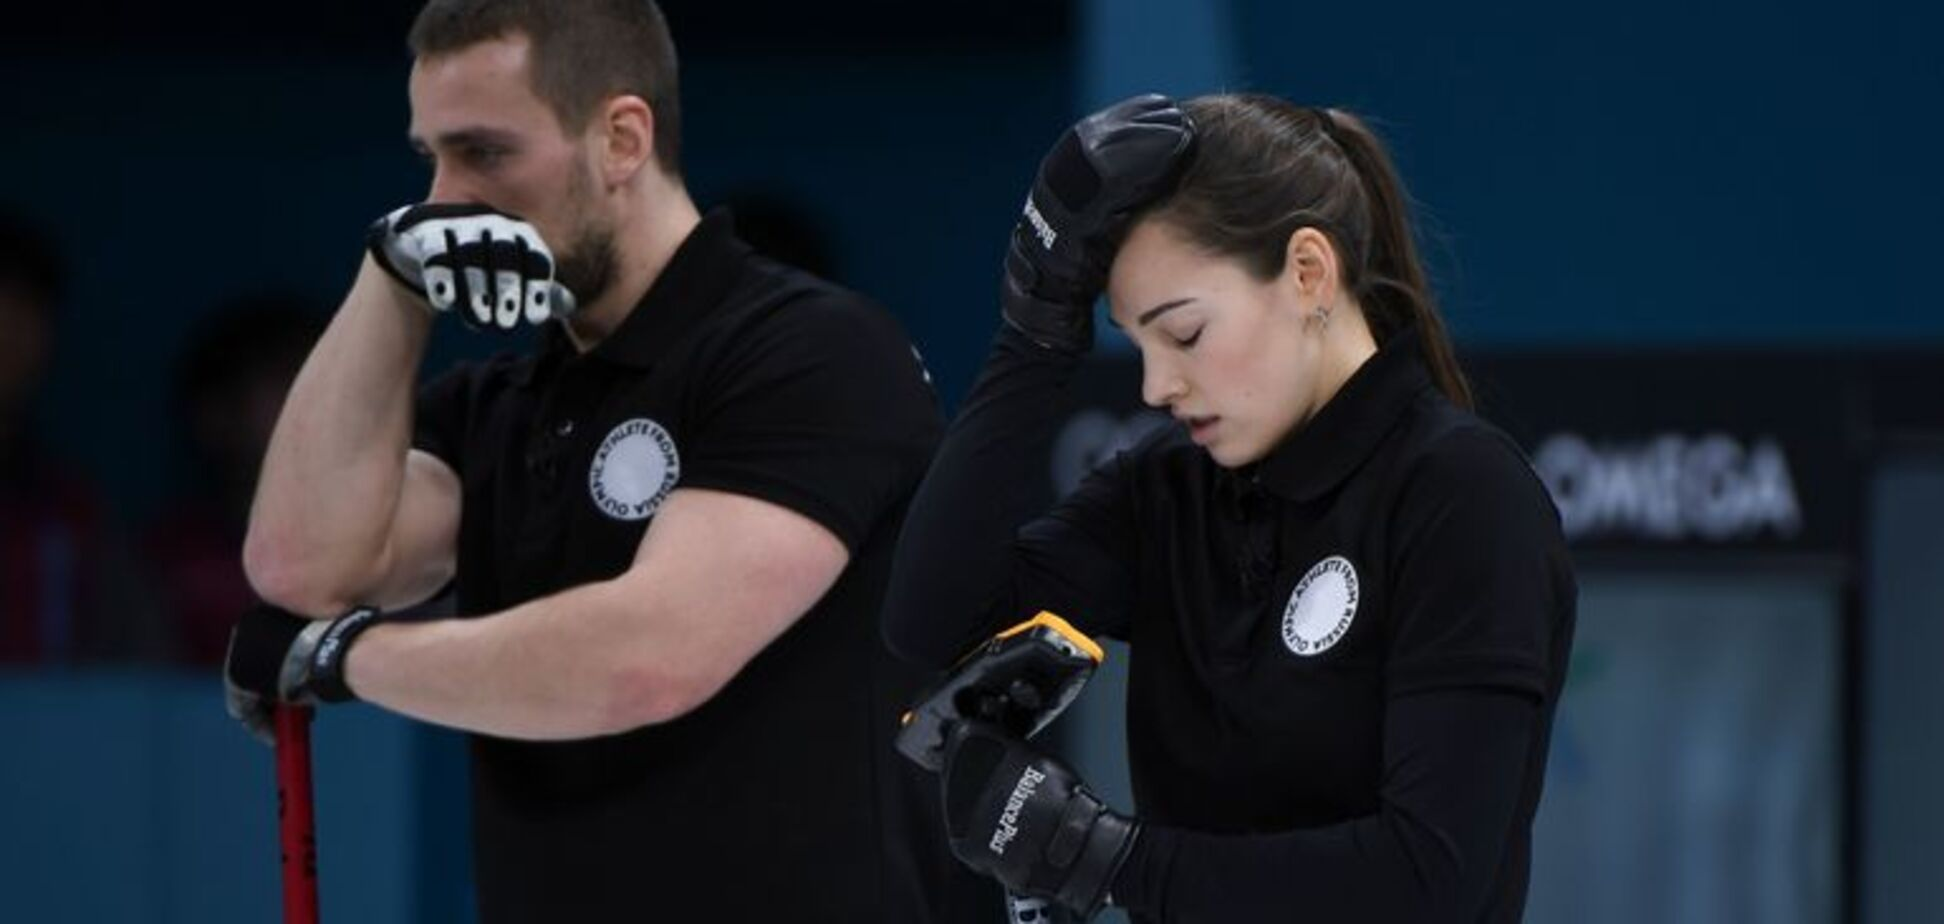 Слухи об отстранении россиян от ОИ: в Раде оценили последствия допинг-скандала